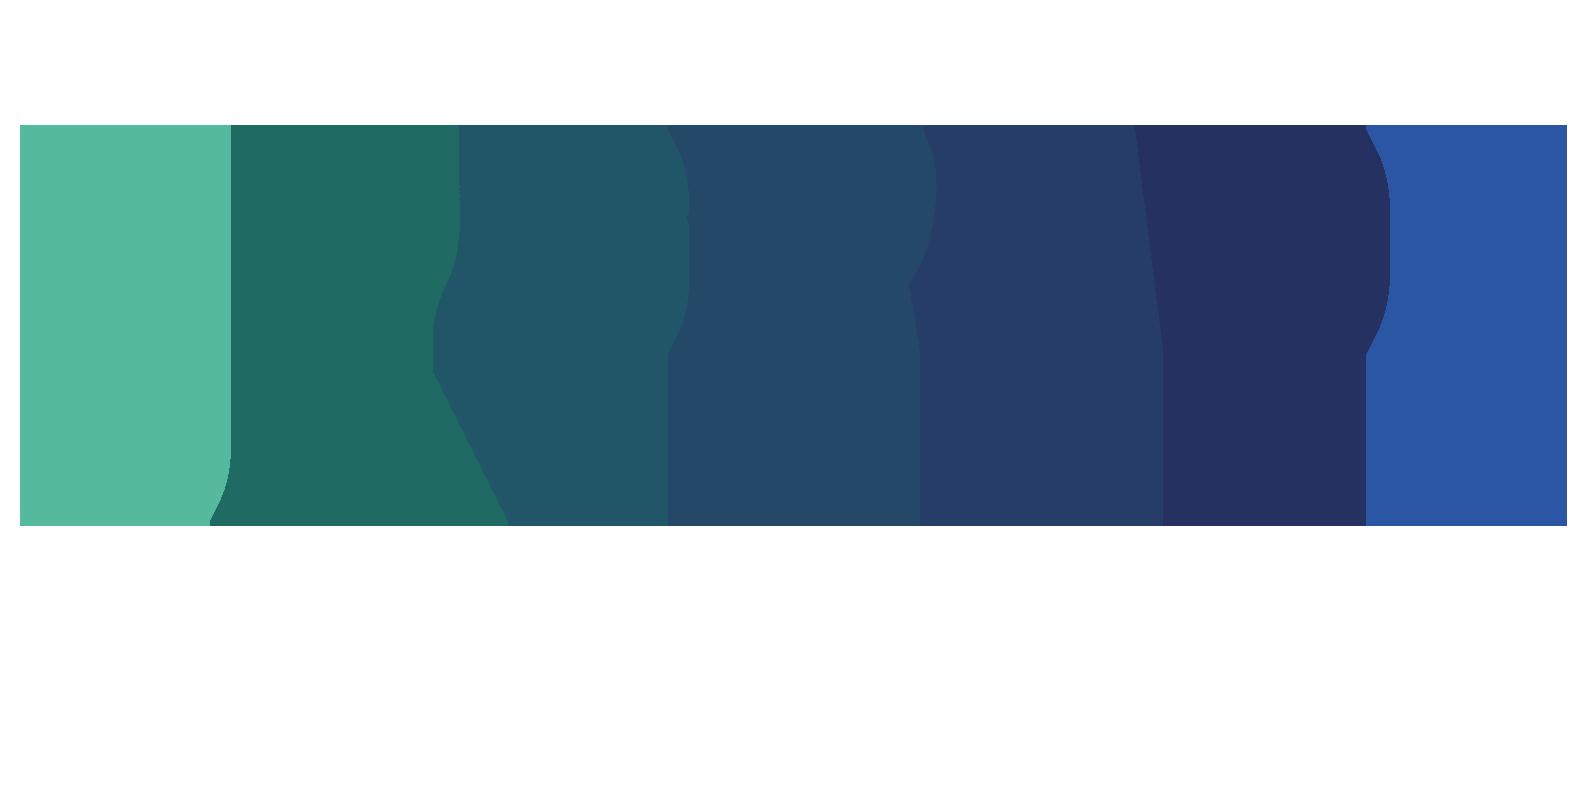 UPGRADE 4.0